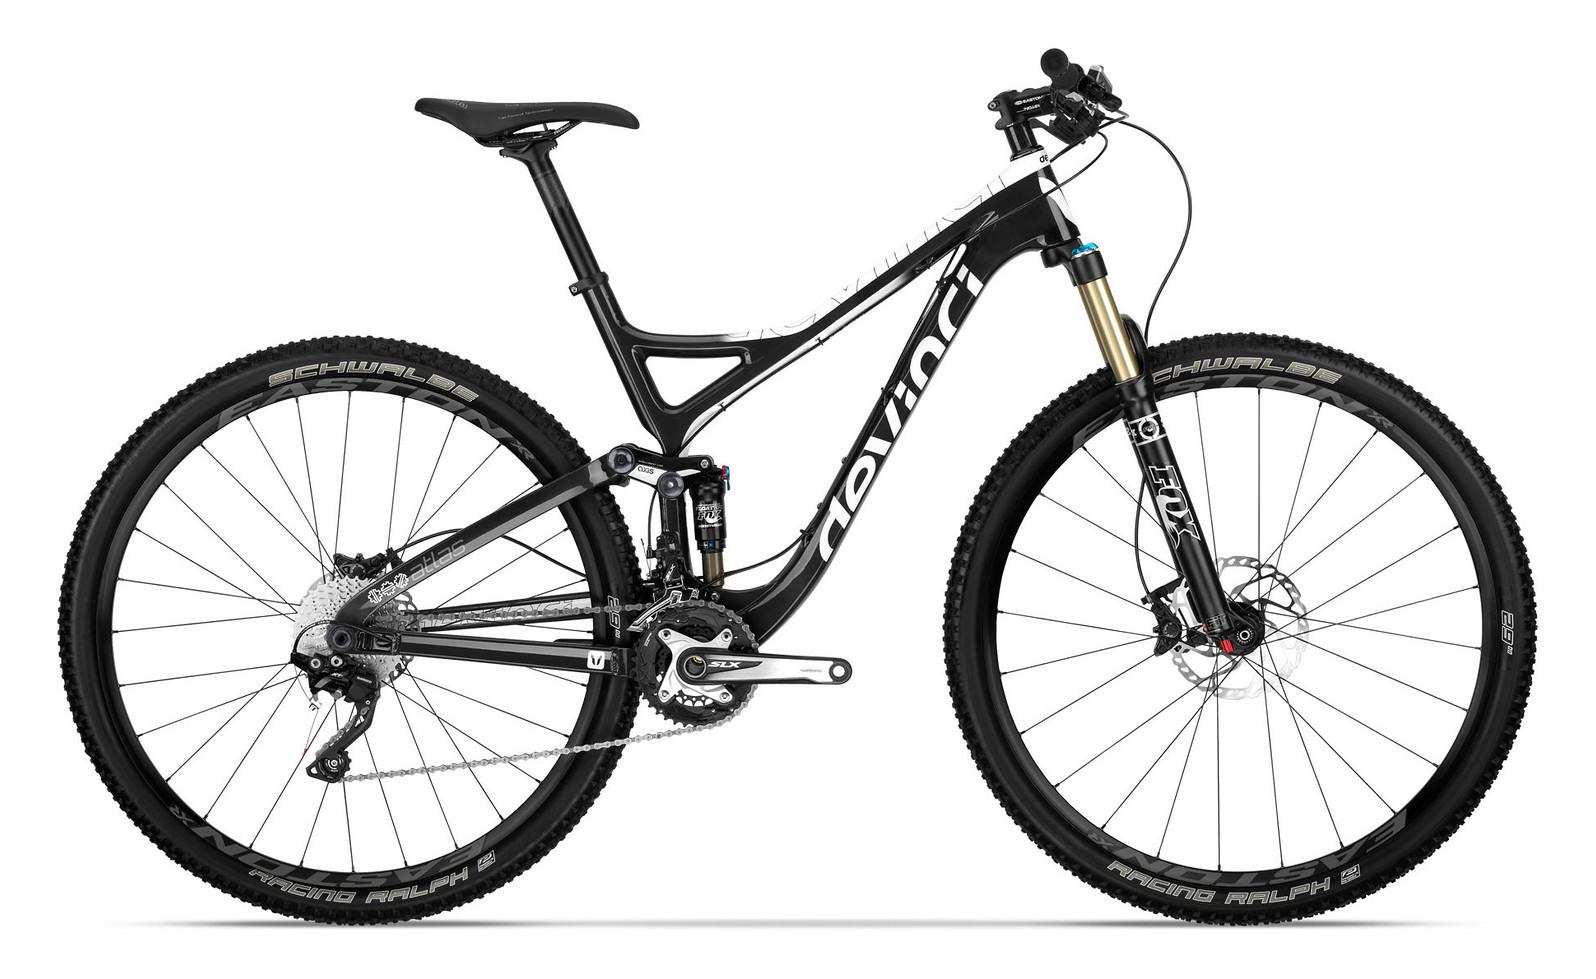 Bike - 2014 Devinci Atlas Carbon RC